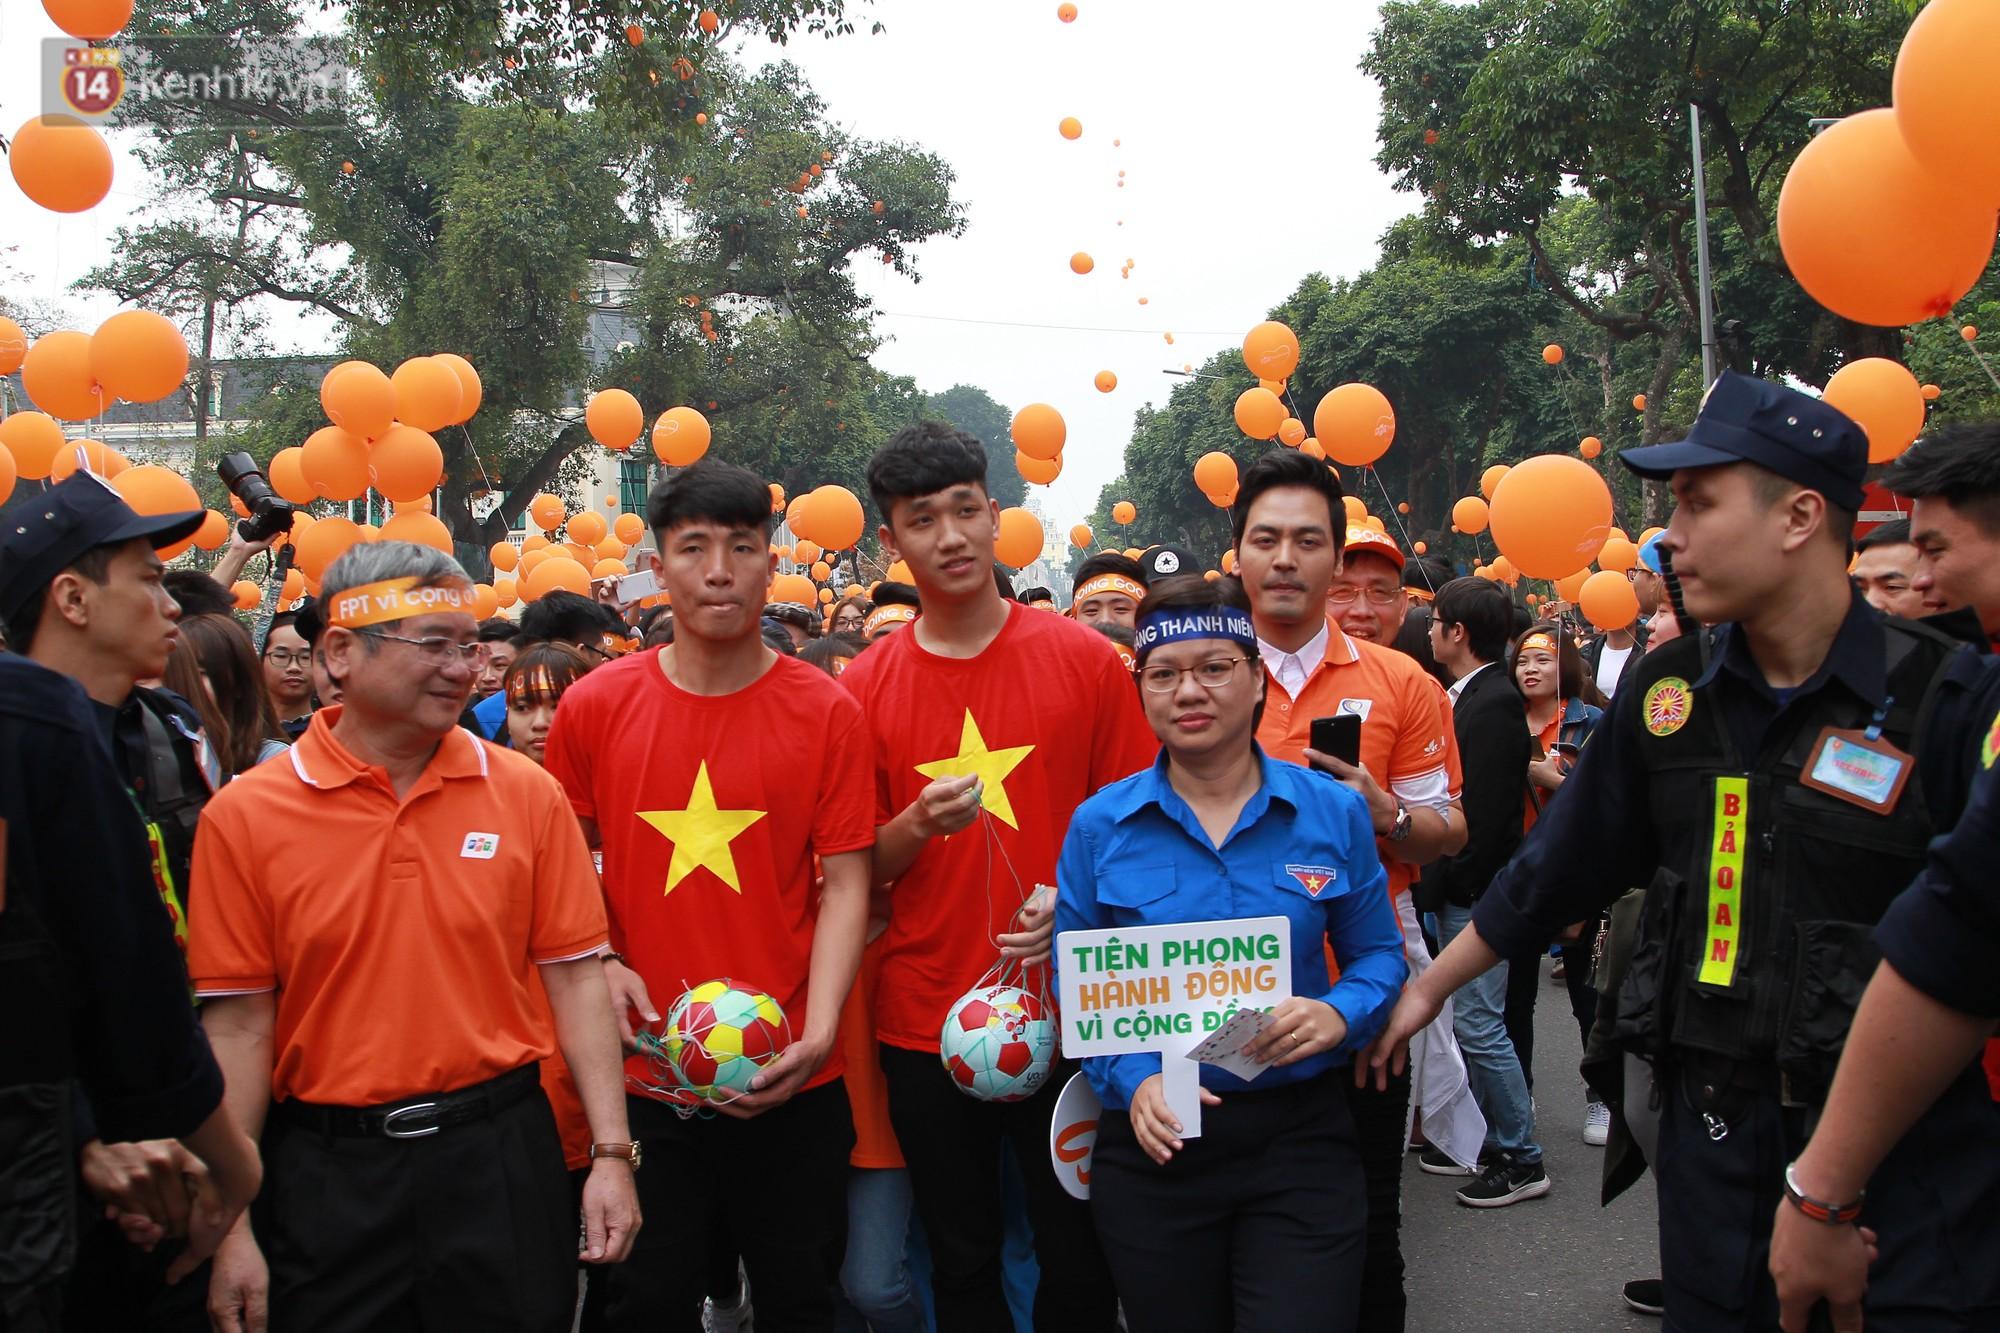 Phố đi bộ Hồ Gươm tắc nghẽn khi Trọng Đại, Tiến Dũng U23 cùng 5000 người dân tham gia ngày hội tình nguyện - Ảnh 3.